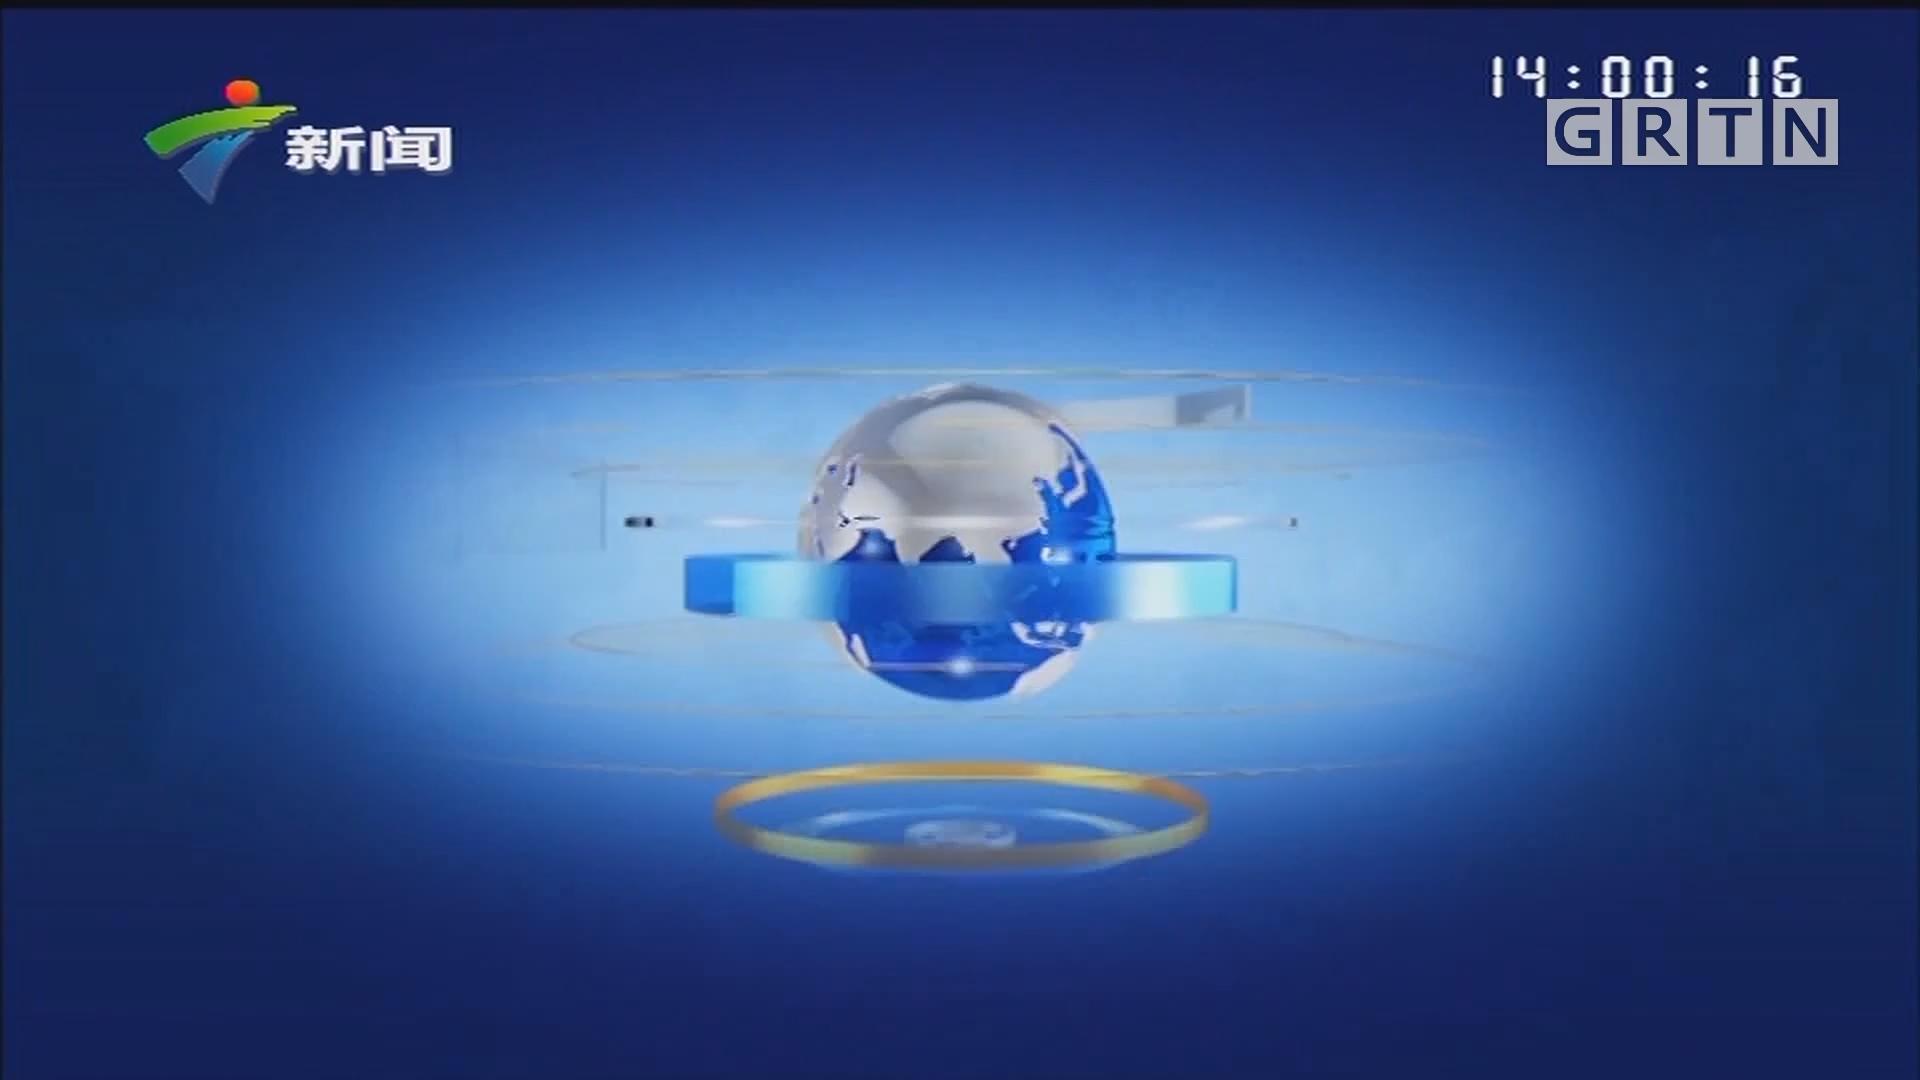 [HD][2019-11-05]正点播报:第二届进博会今天开幕 亮点纷呈 参展国别和企业数量超过首届